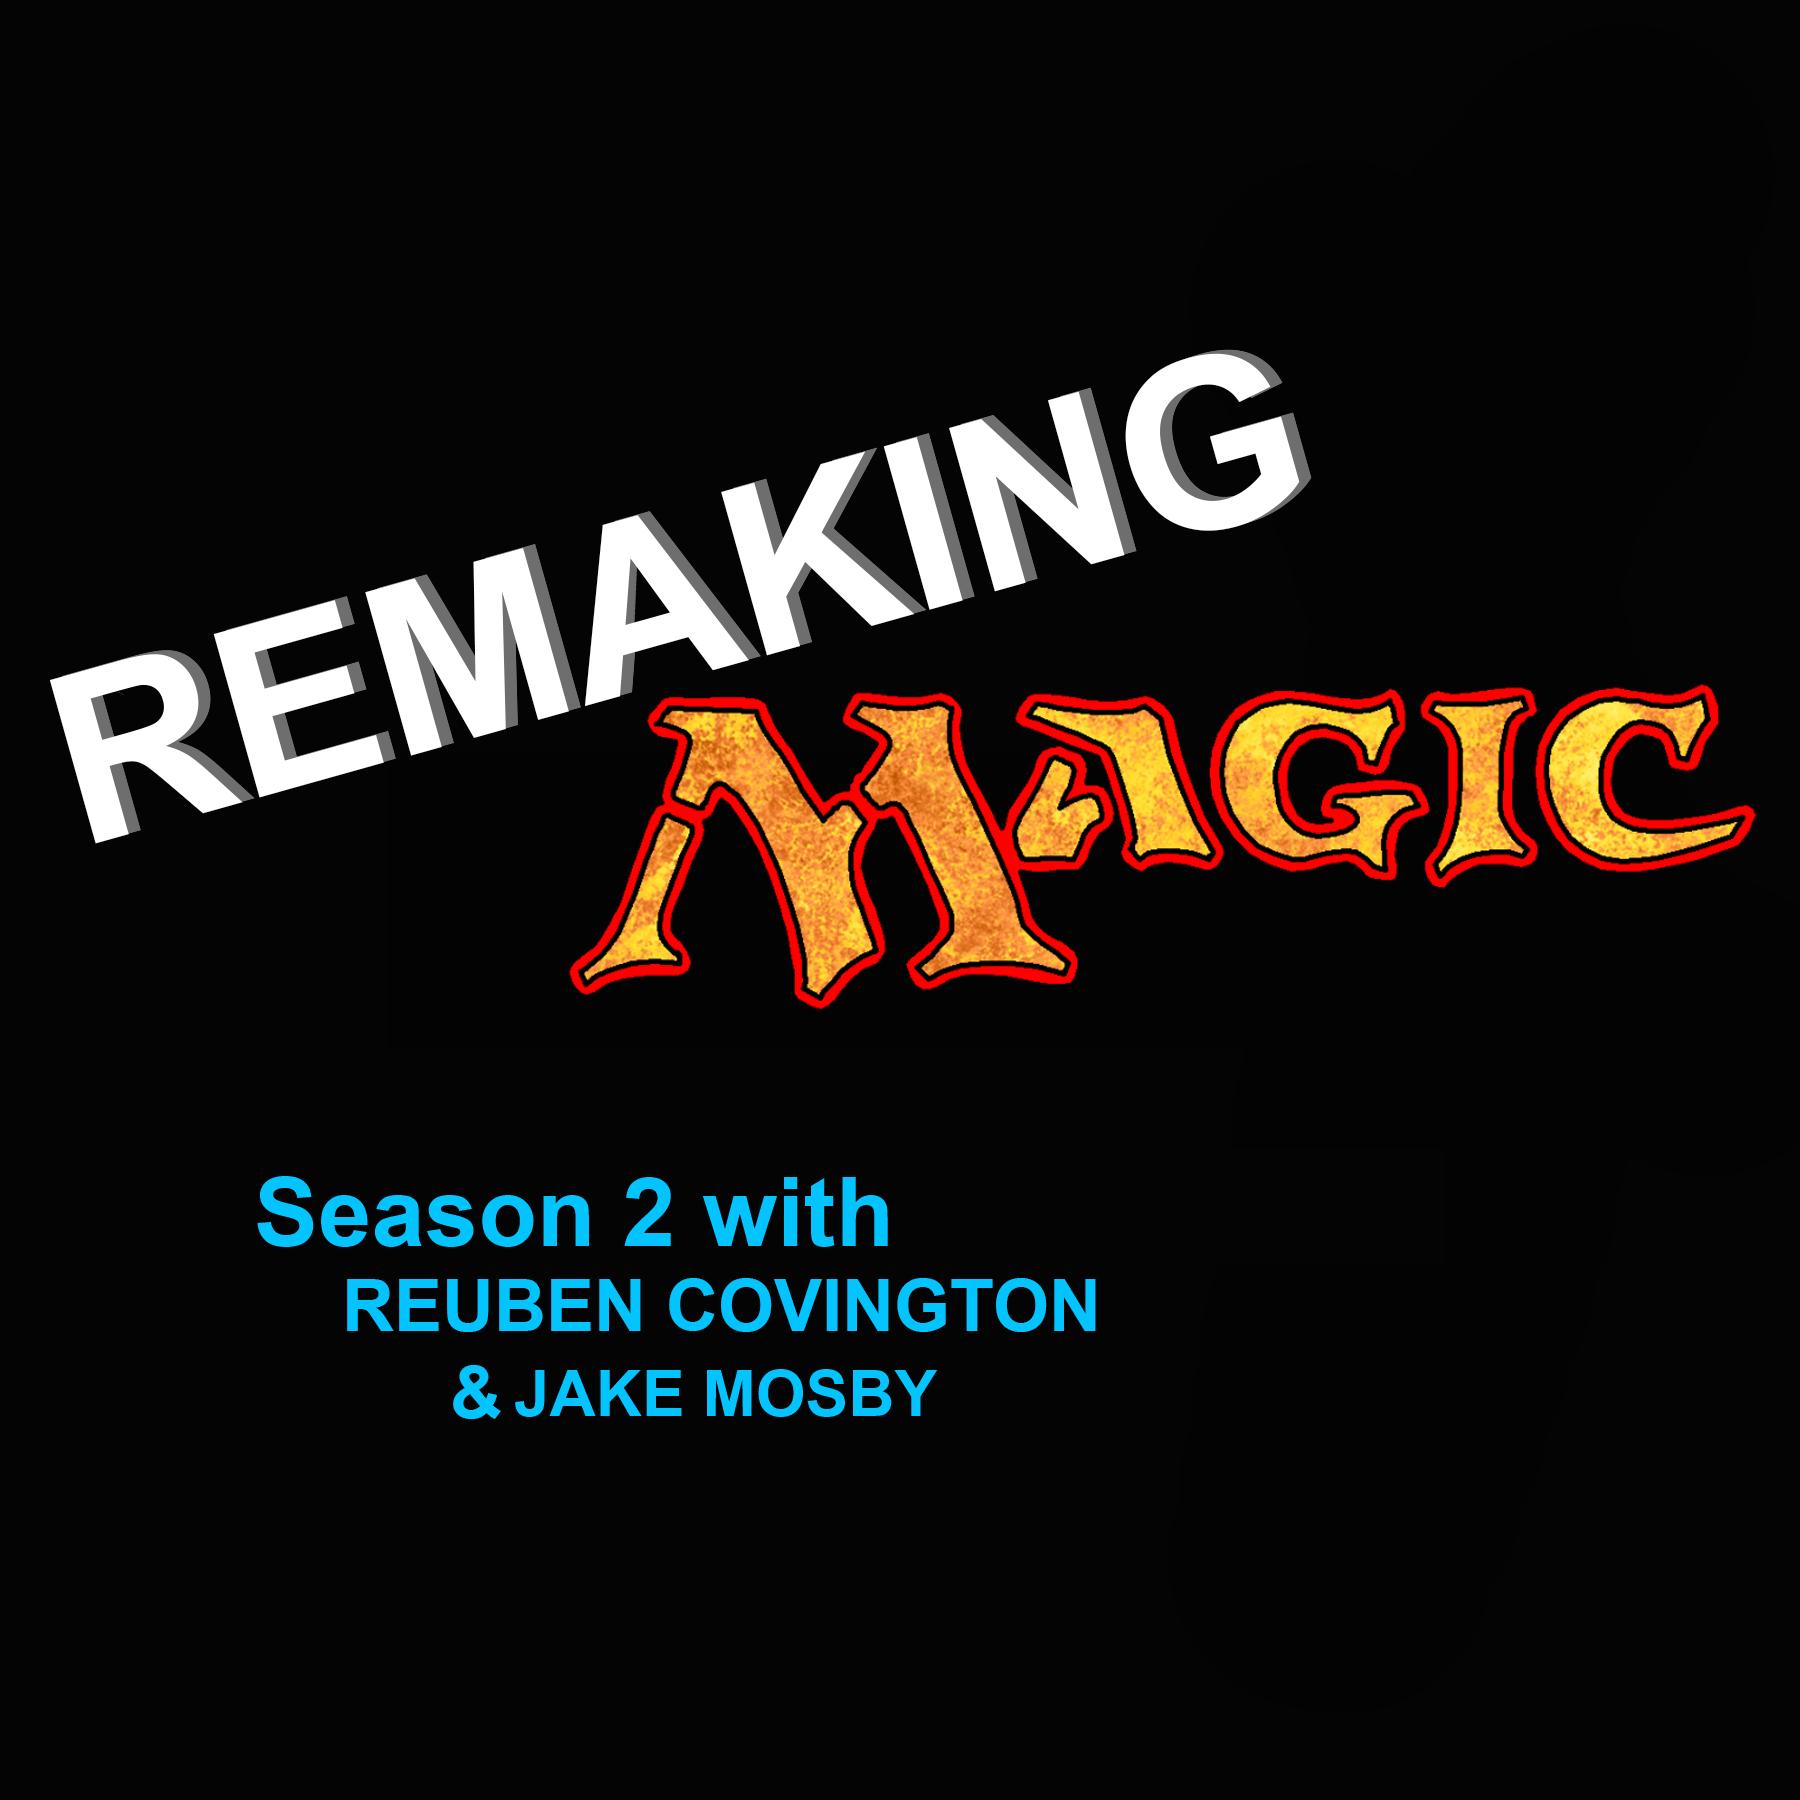 Re-Making Magic S02E04 - Resonance show art